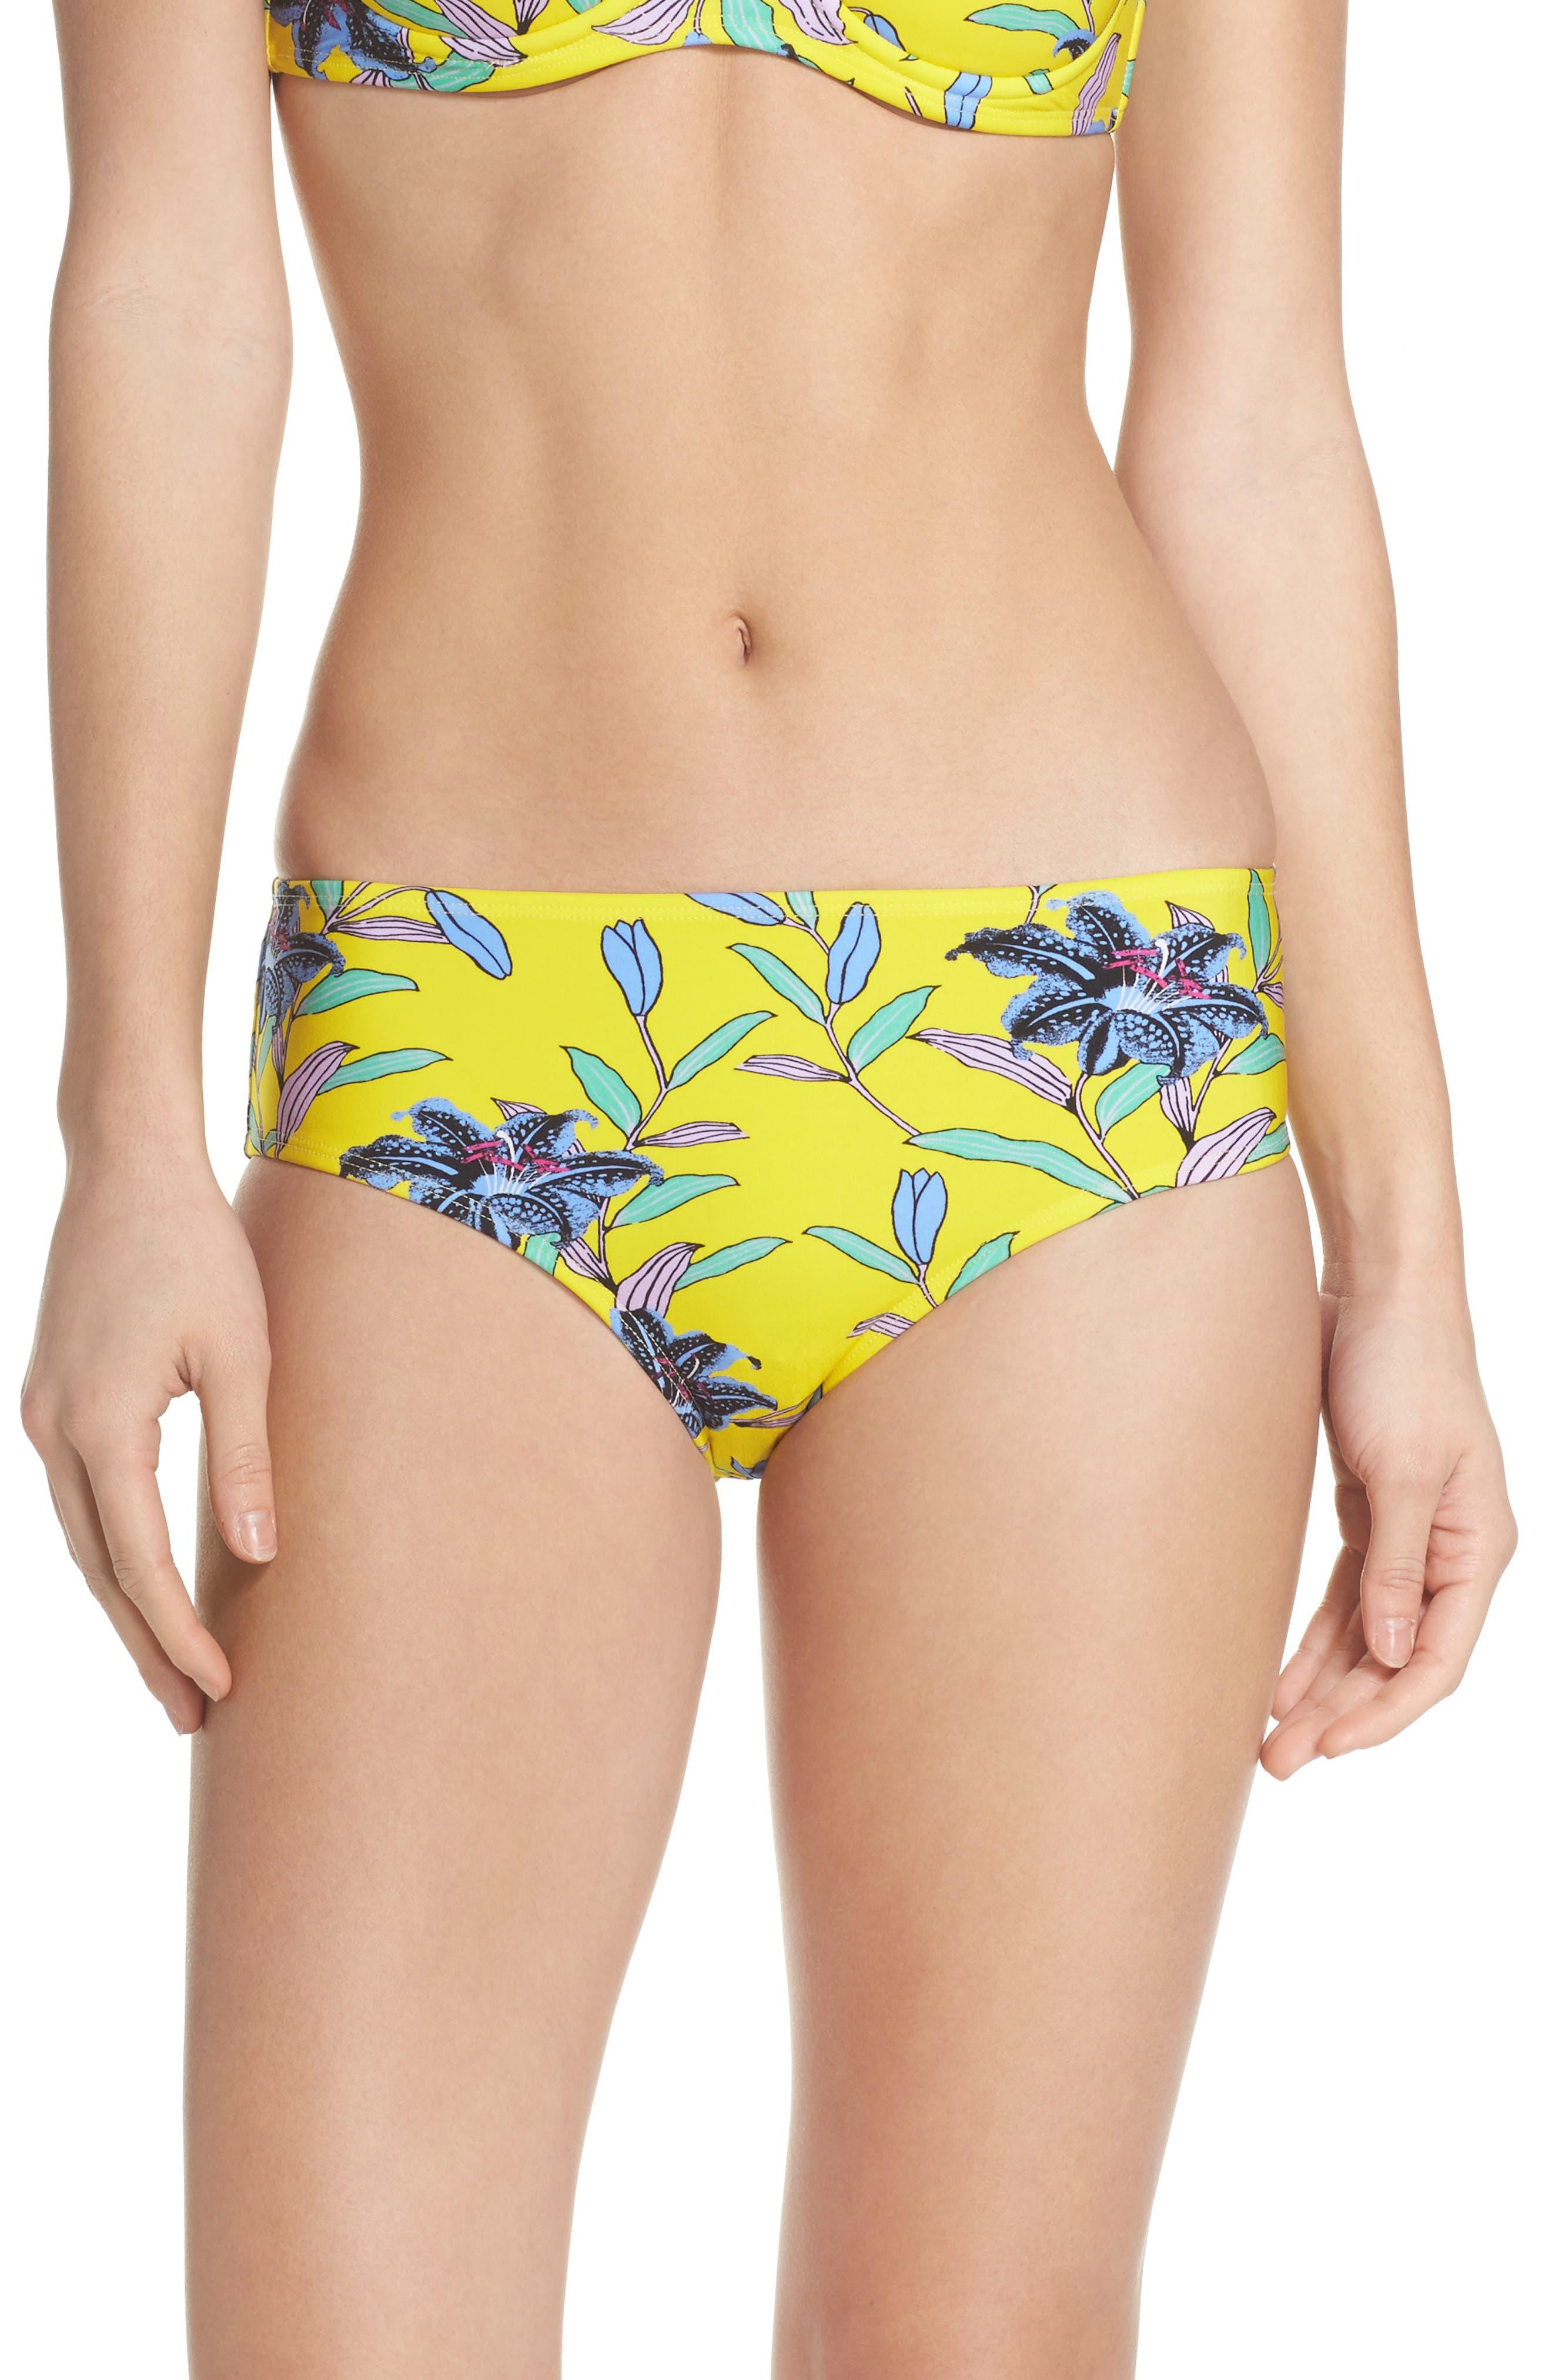 Diane Von Furstenberg Mid Rise Cheeky Bikini Bottoms